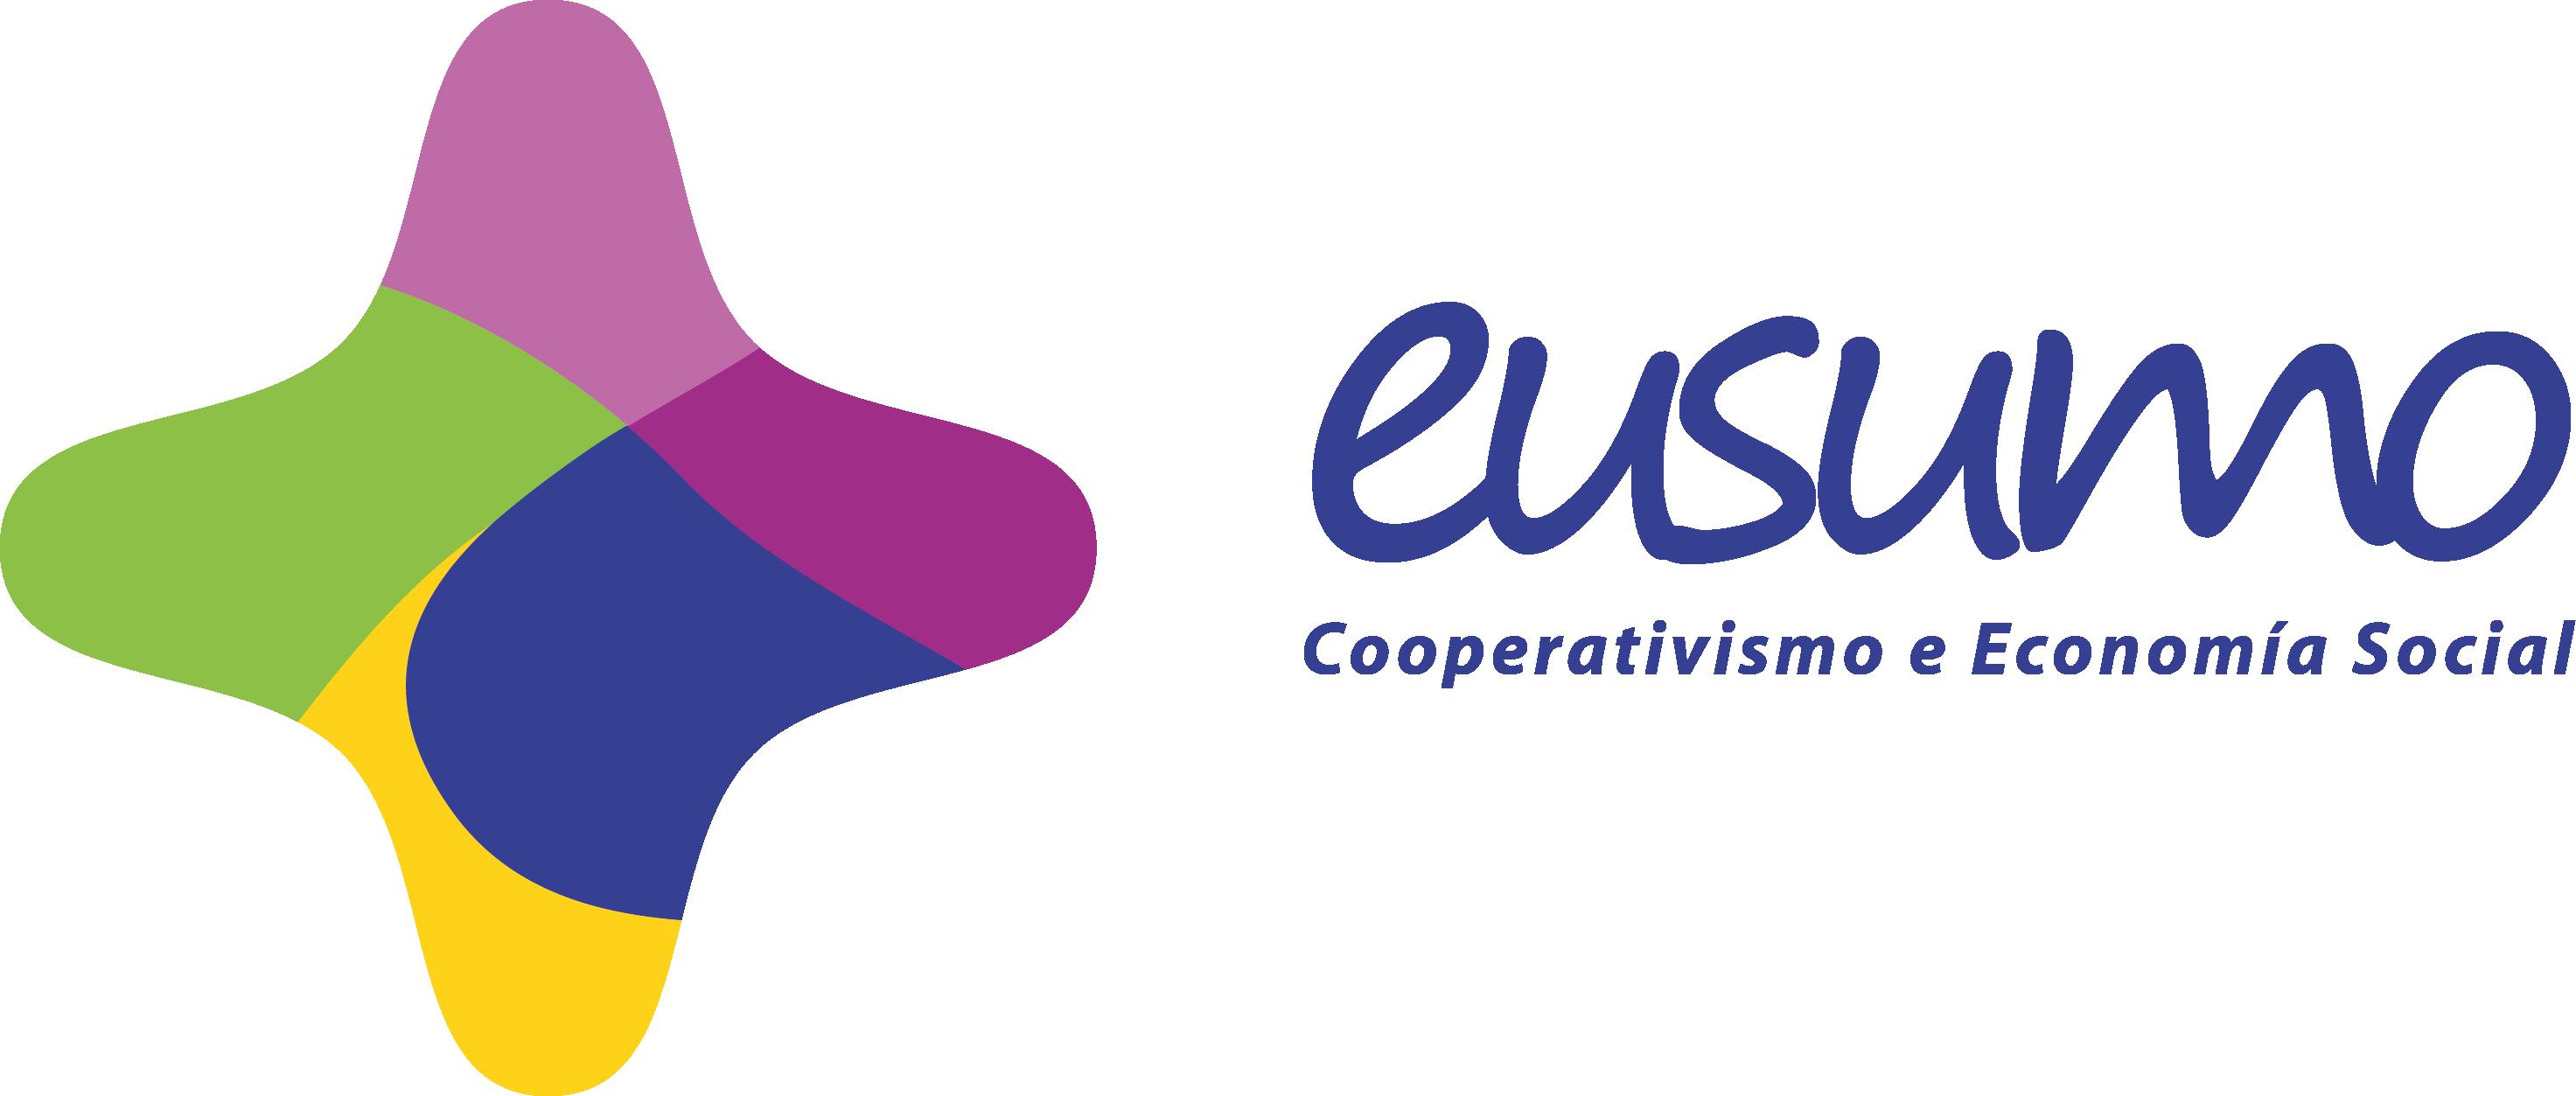 Xestionamos as redes sociais de Eusumo e constribuimos a espallar a economía social